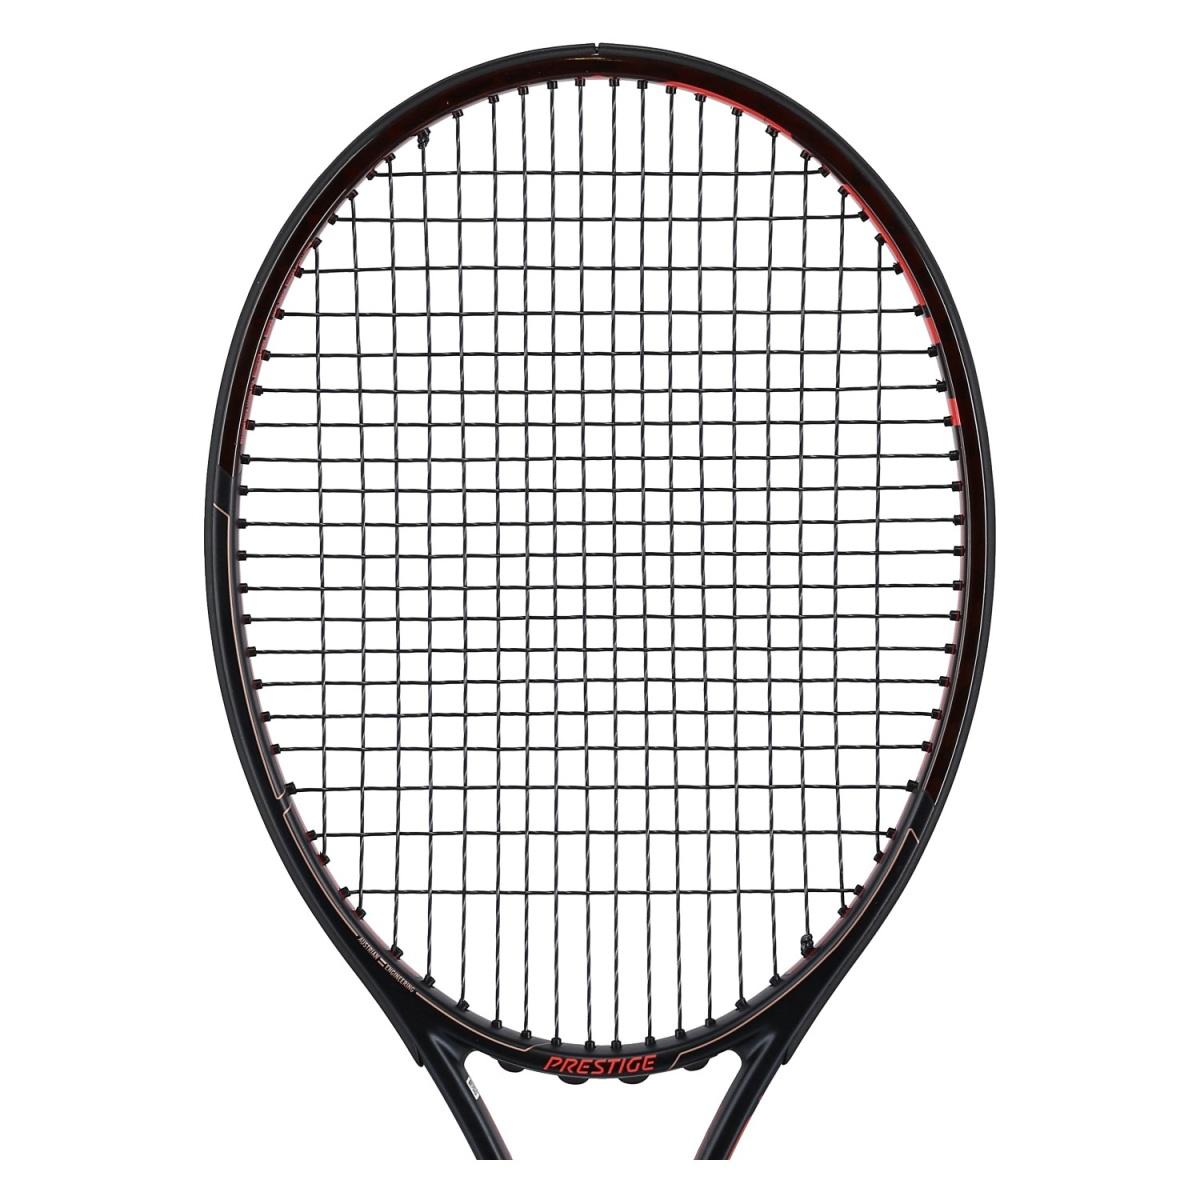 Solinco Barb Wire 200M Schwarz Tennis Saitenrolle 200m Monofil Schwarz 1,30